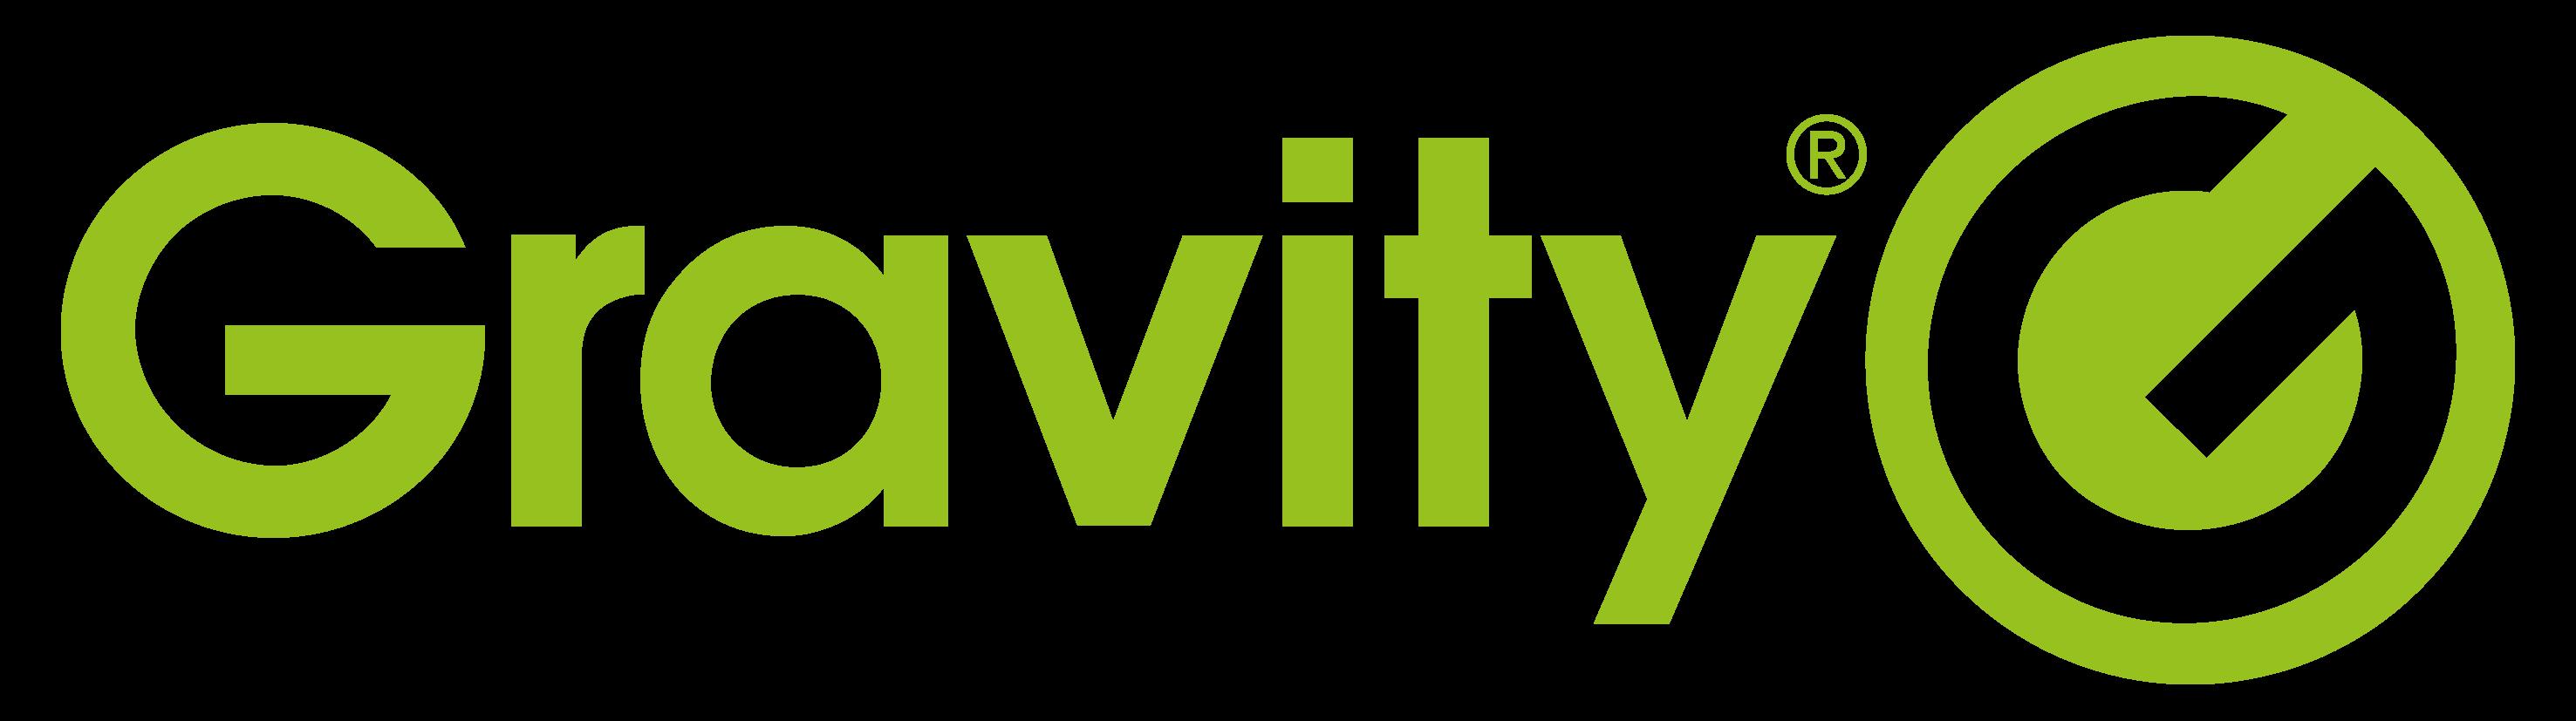 Gravity logo cmyk